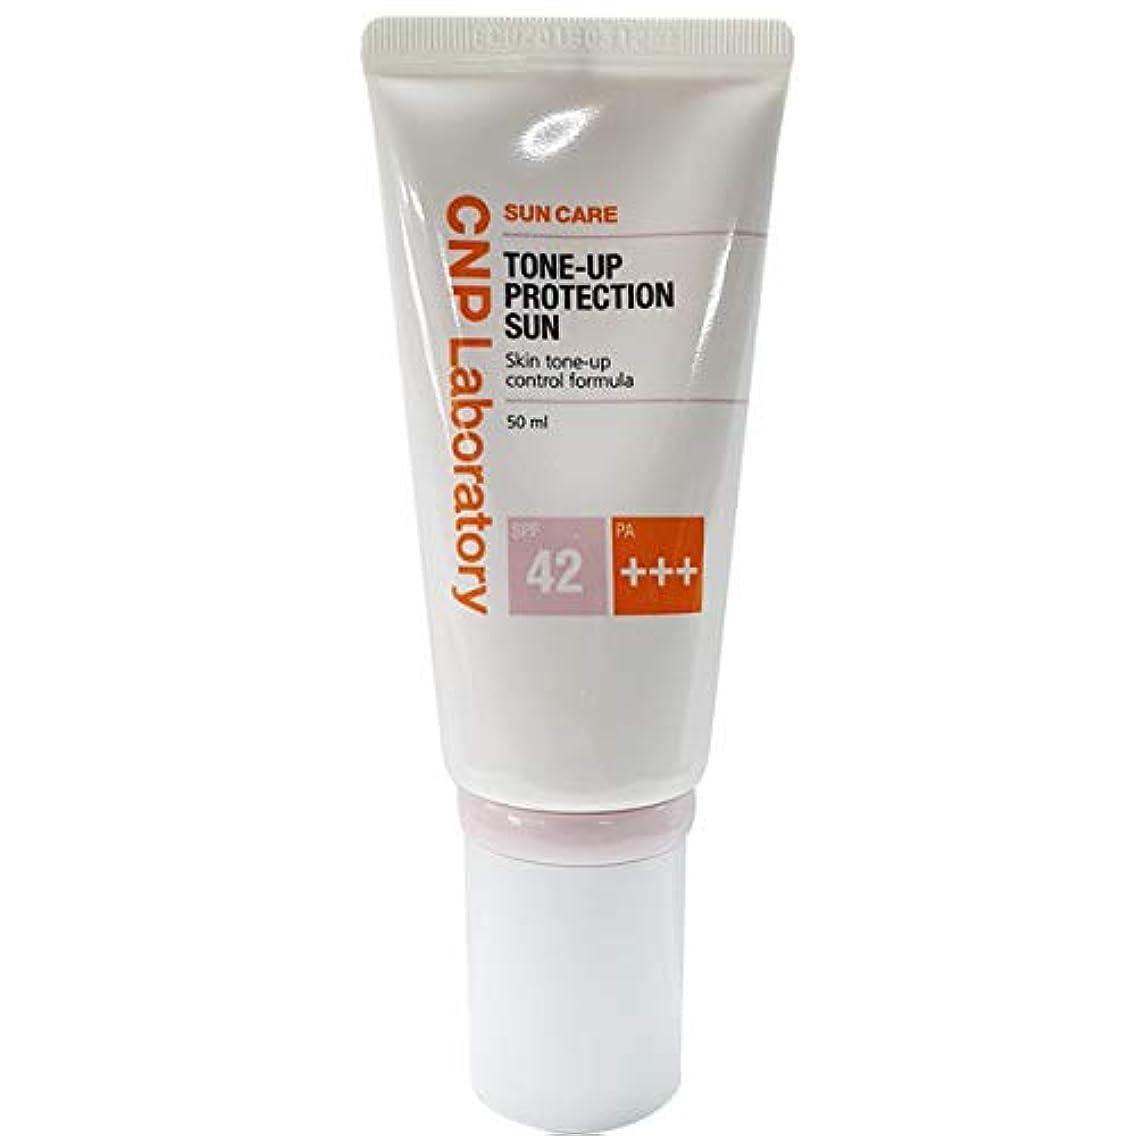 アシスタントカスケード失速CNP チャアンドパク トンオププロテクションサン?クリーム紫外線遮断剤 50ml (SPF42 / PA+++)、2019 NEW, CNP Tone-up Protection Sun Cream/韓国日焼け止め